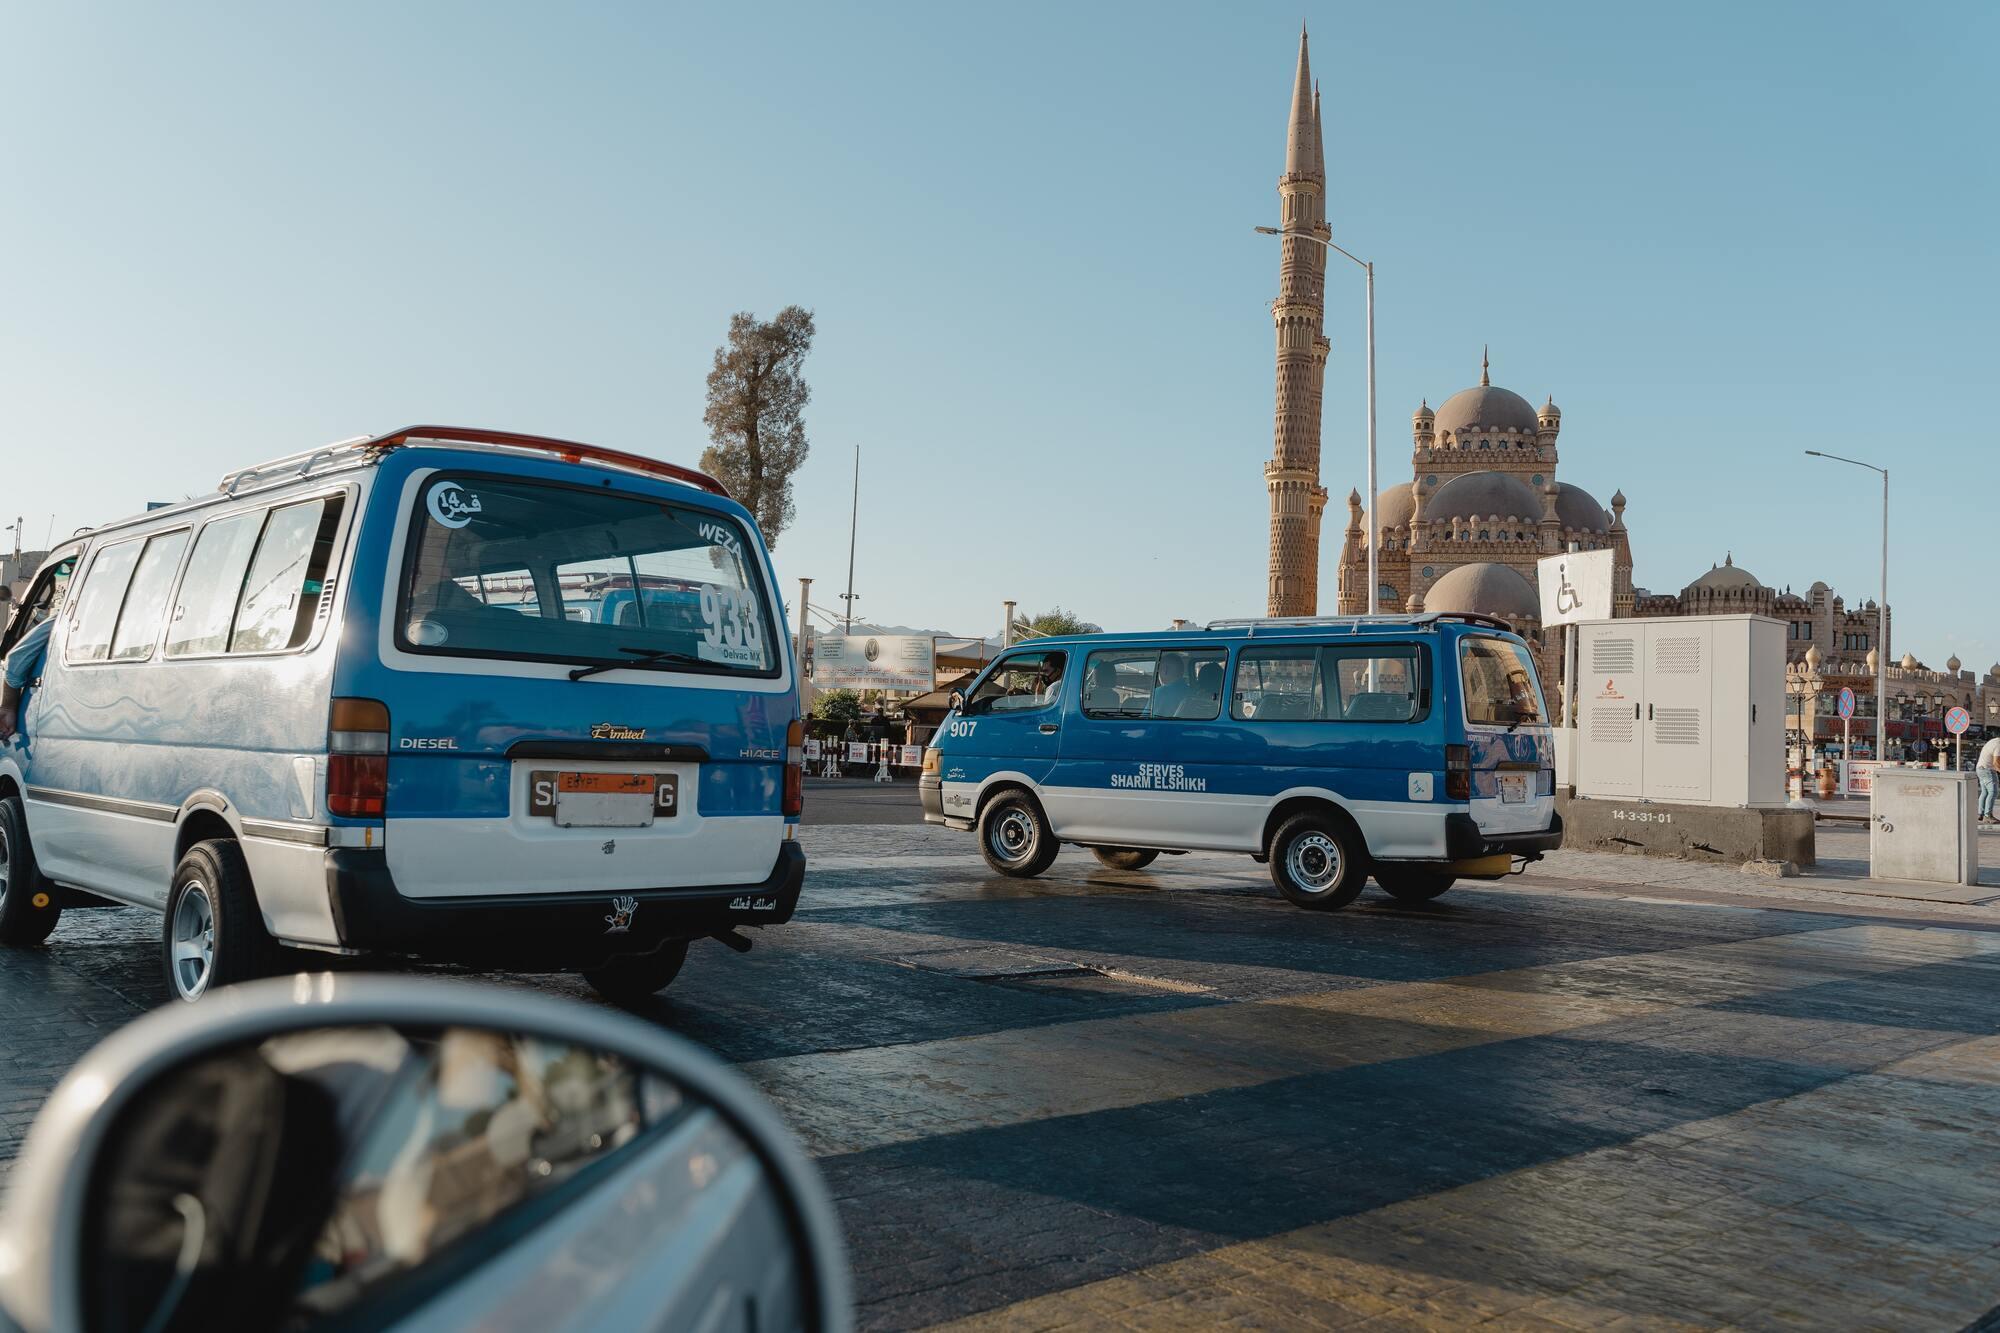 Египтяне хаотично ведут себя на дороге и не придерживаются правил дорожного движения